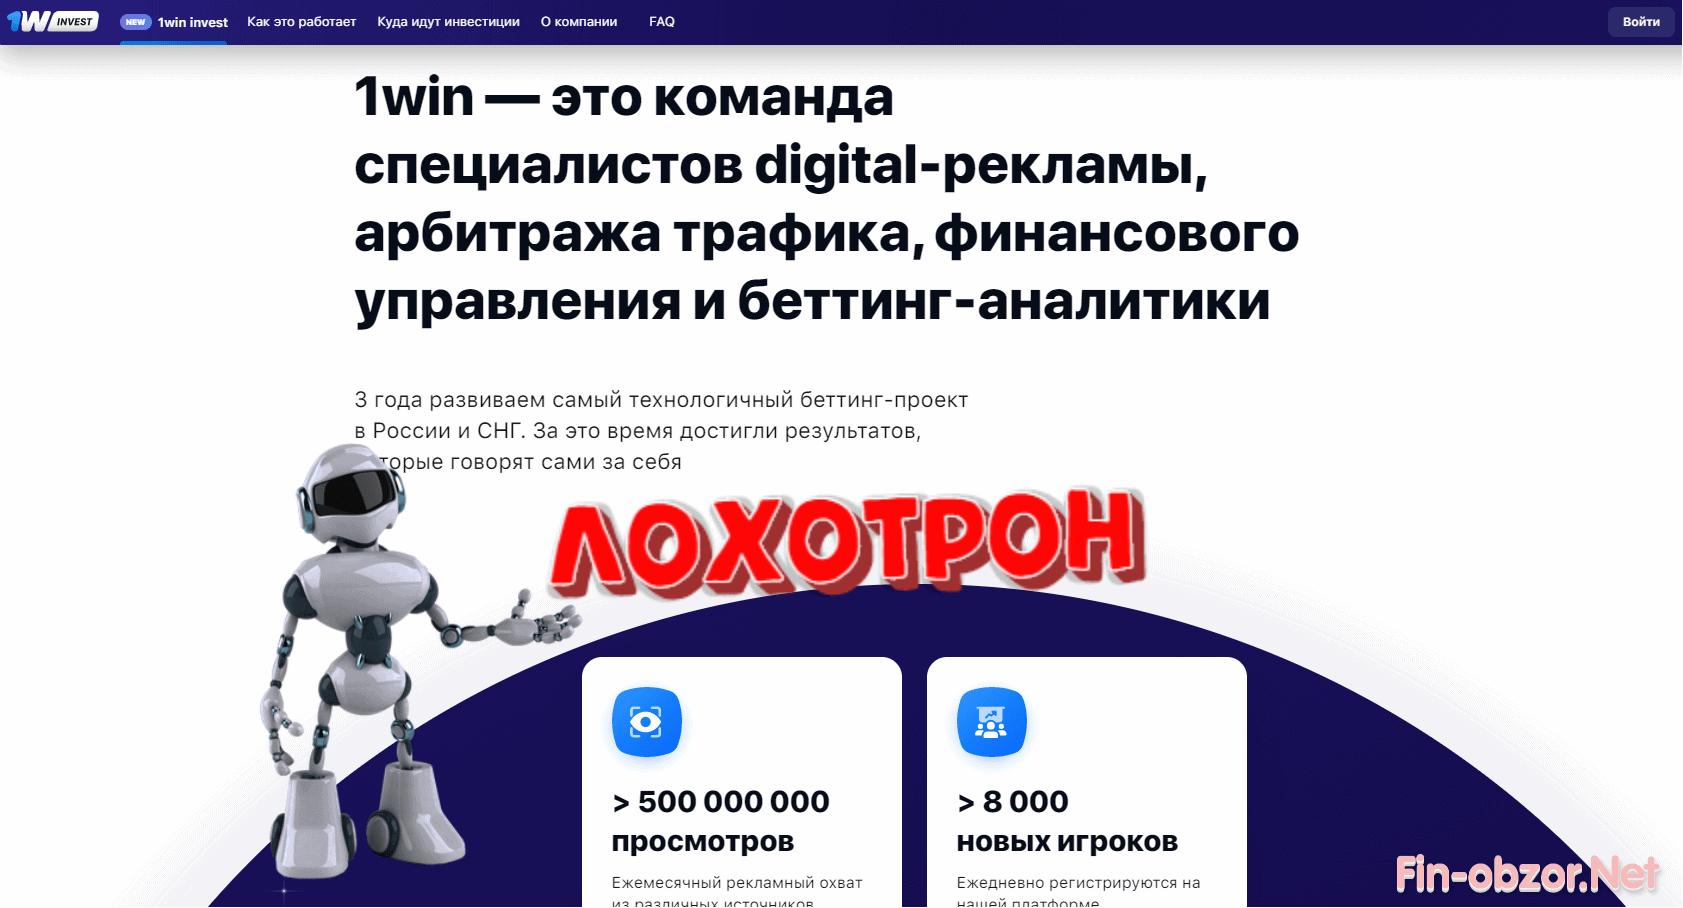 1win-invest.com отзывы о сайте